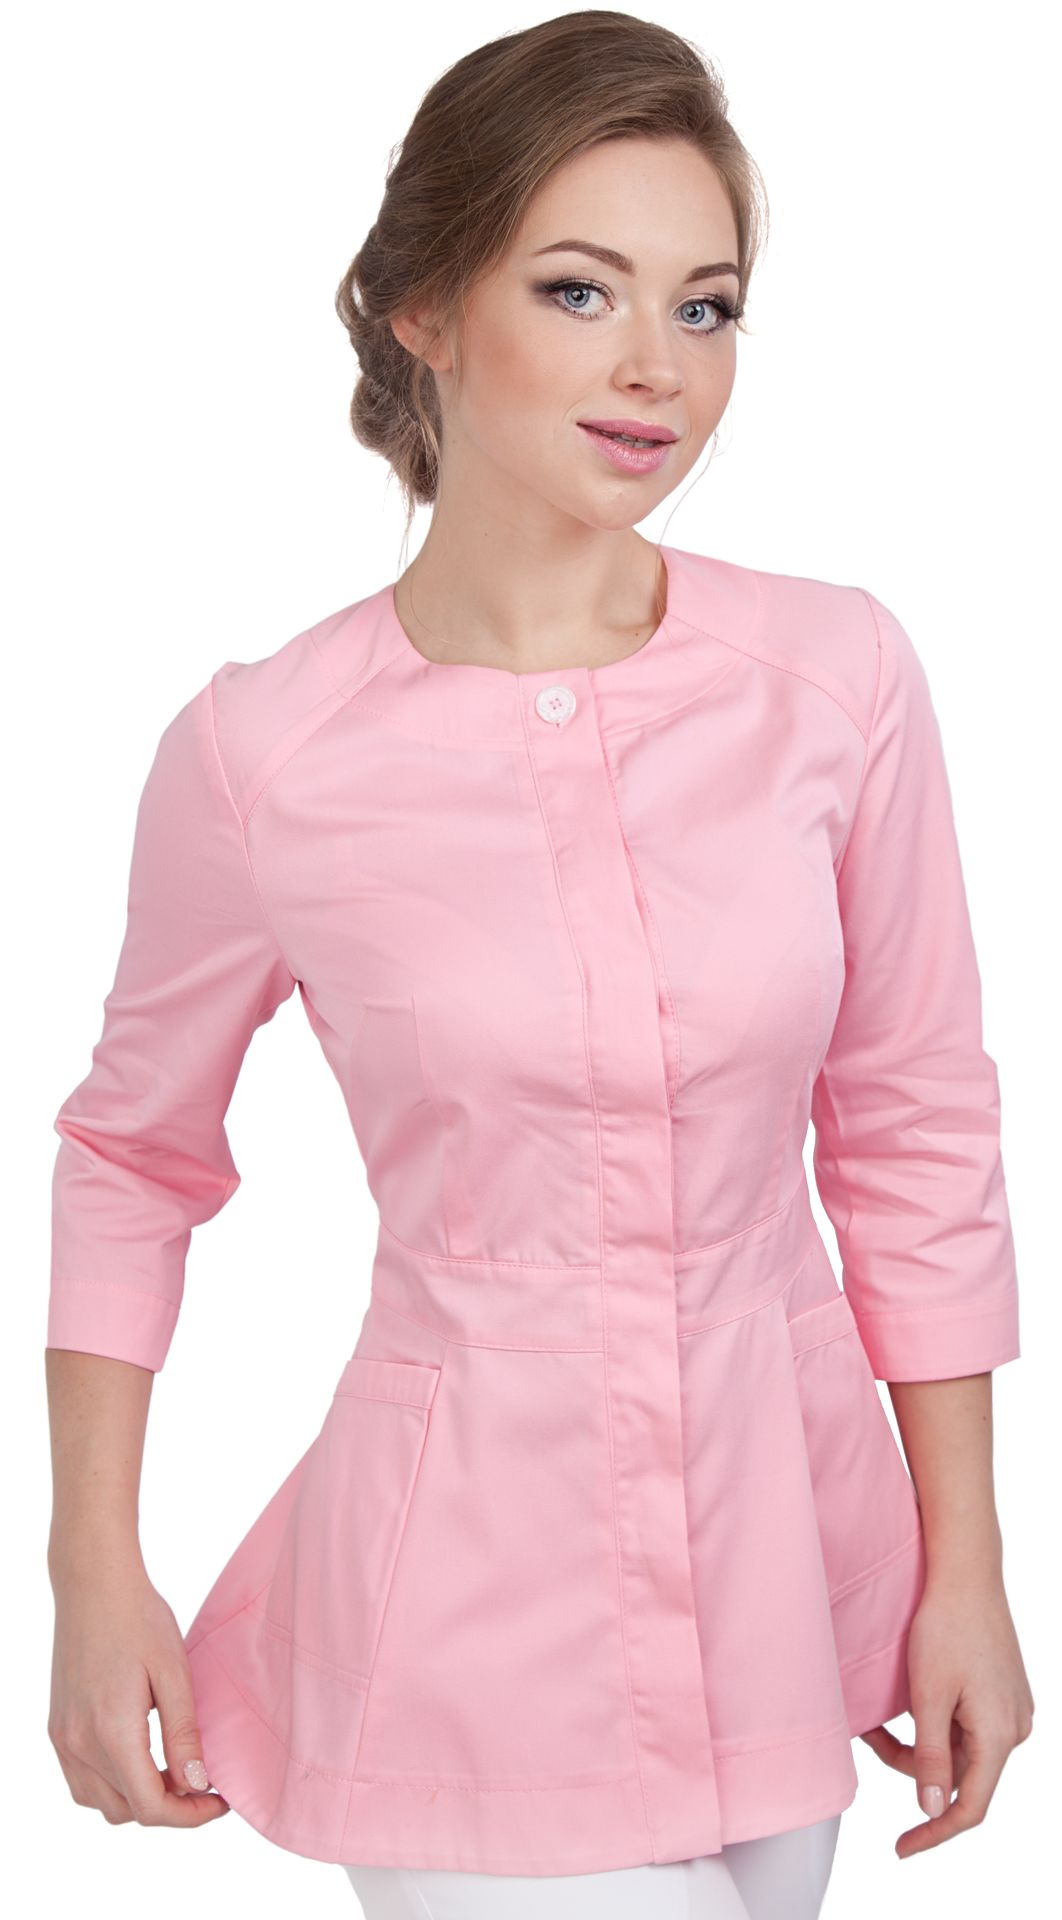 2386f7f5d Блуза медицинская